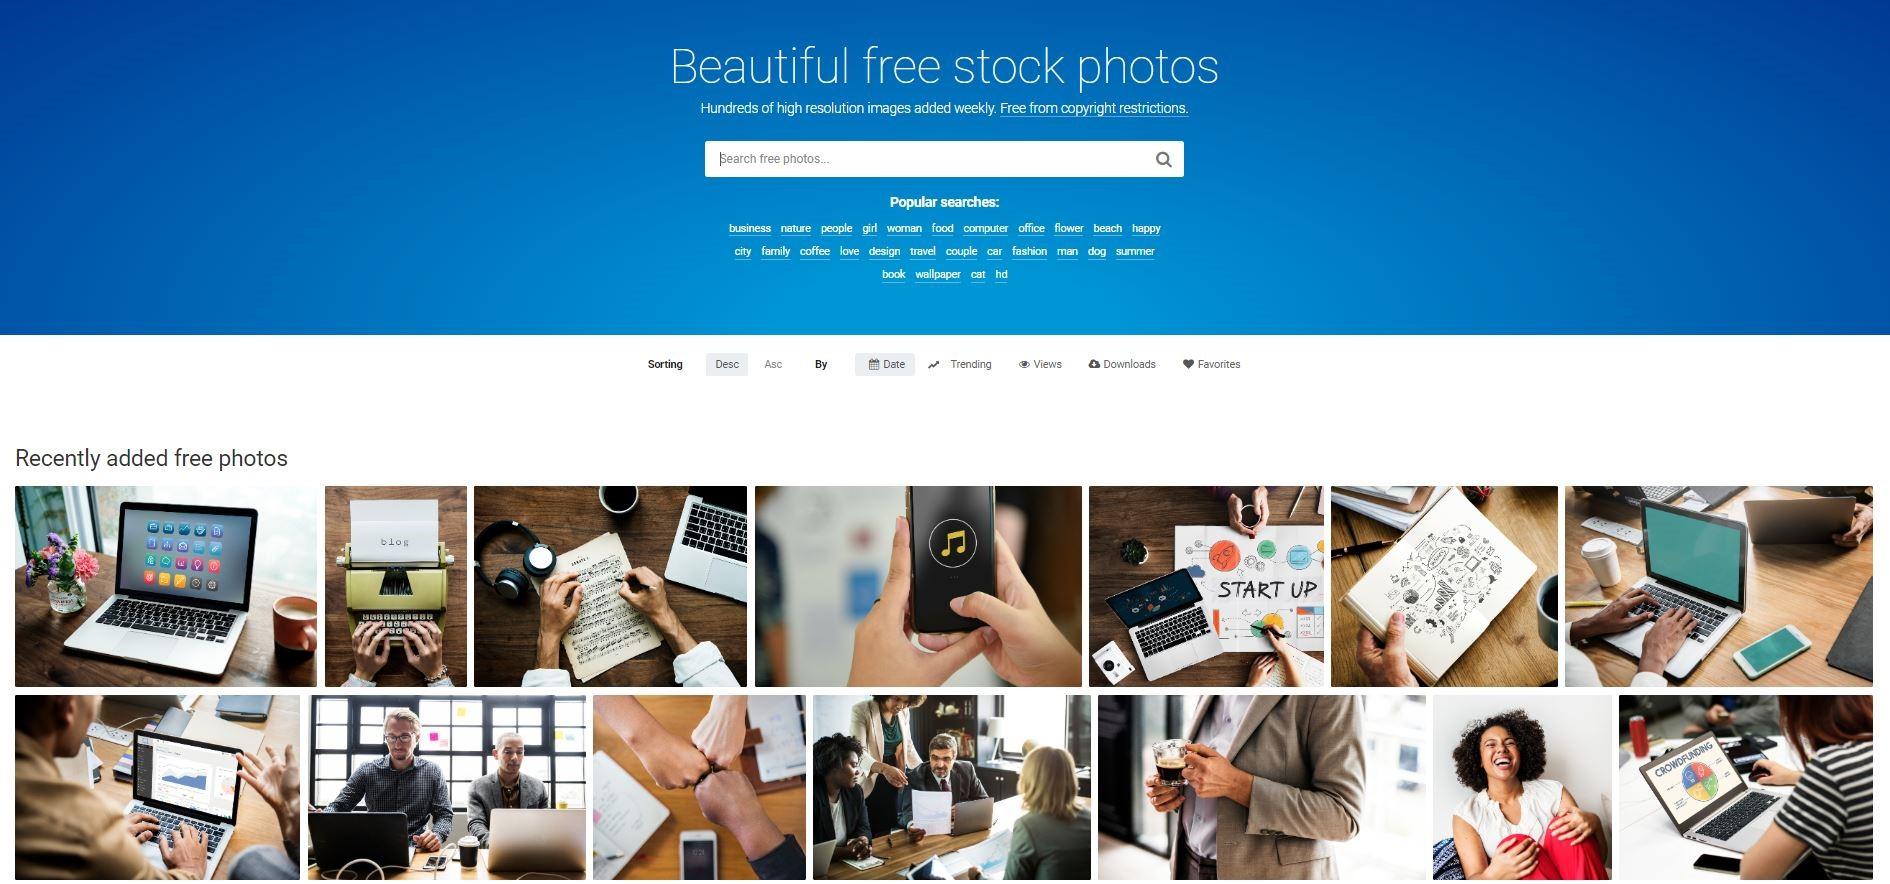 gratis rechtenvrije foto's op Stocksnap.io